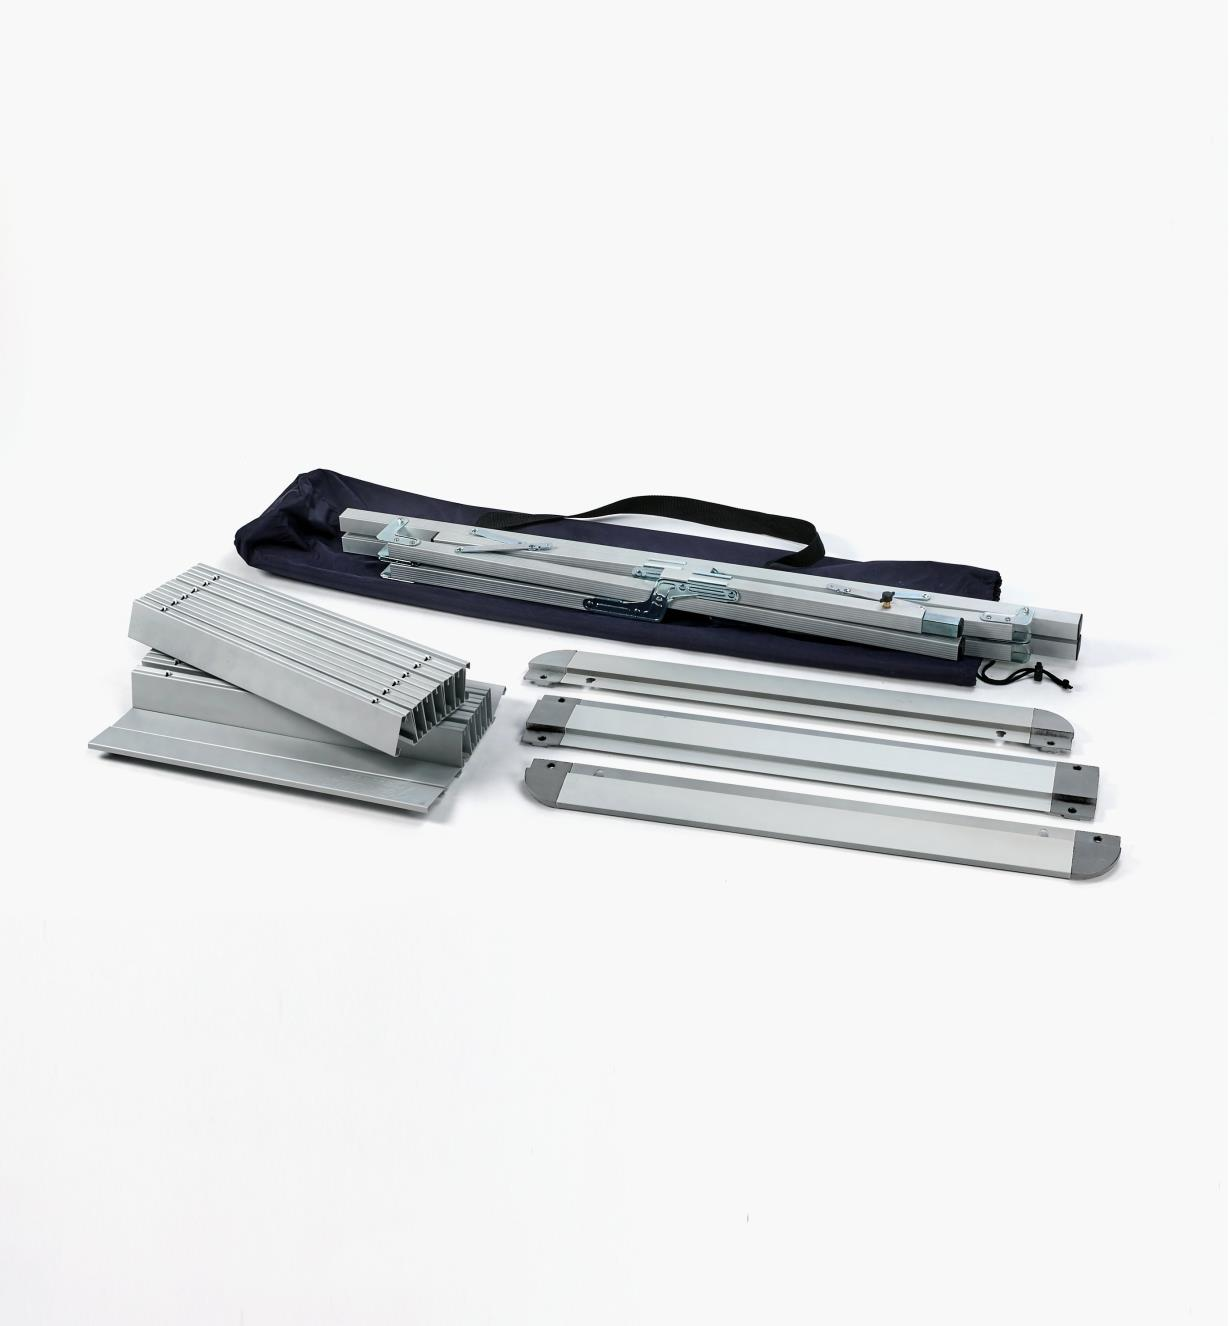 XJ265 - Folding Aluminum Table